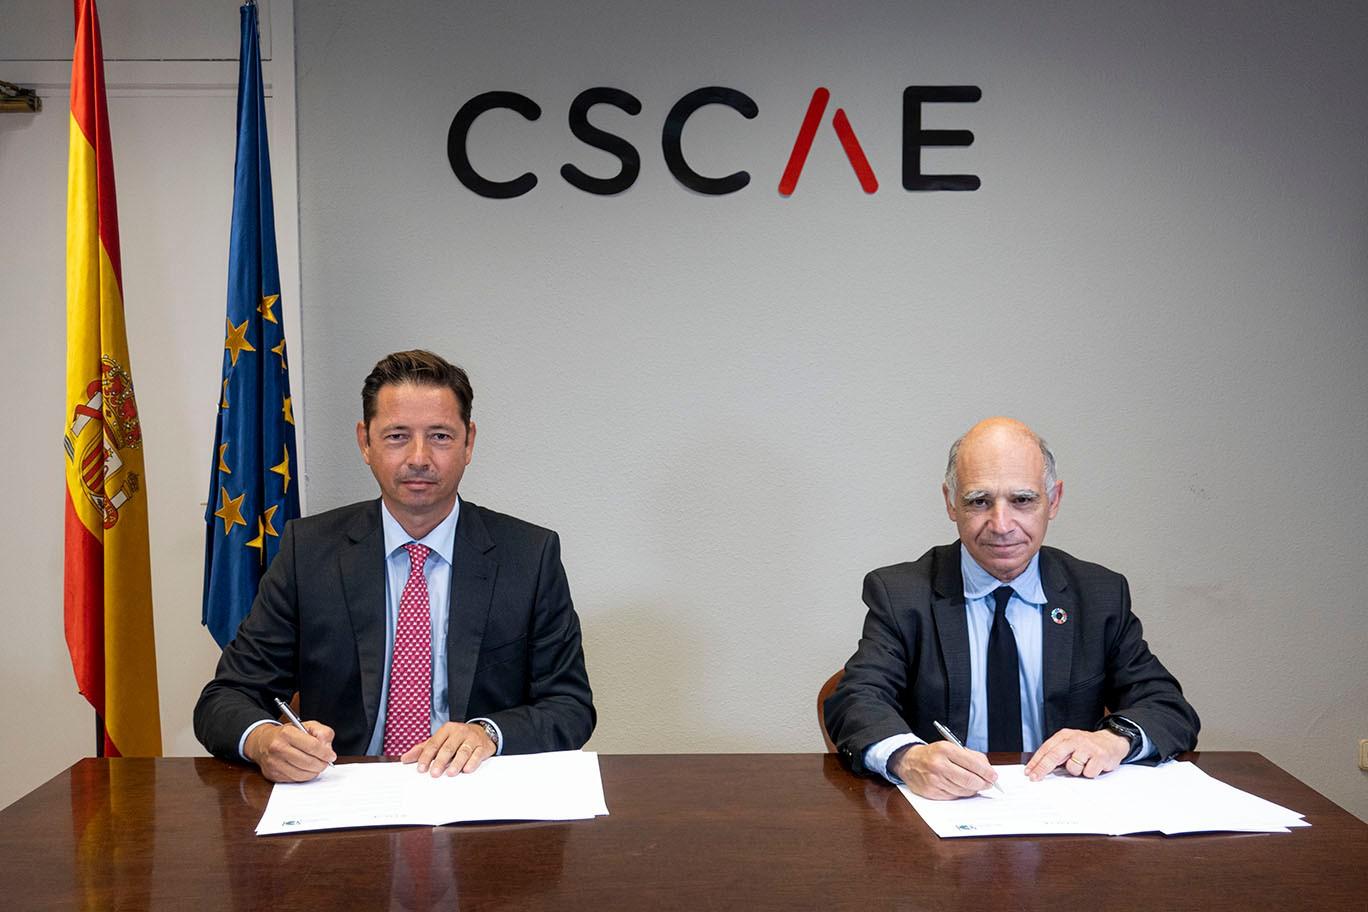 El CSCAE y Andimat se unen para ayudar a alcanzar los objetivos de rehabilitación de edificios fijados por el Gobierno